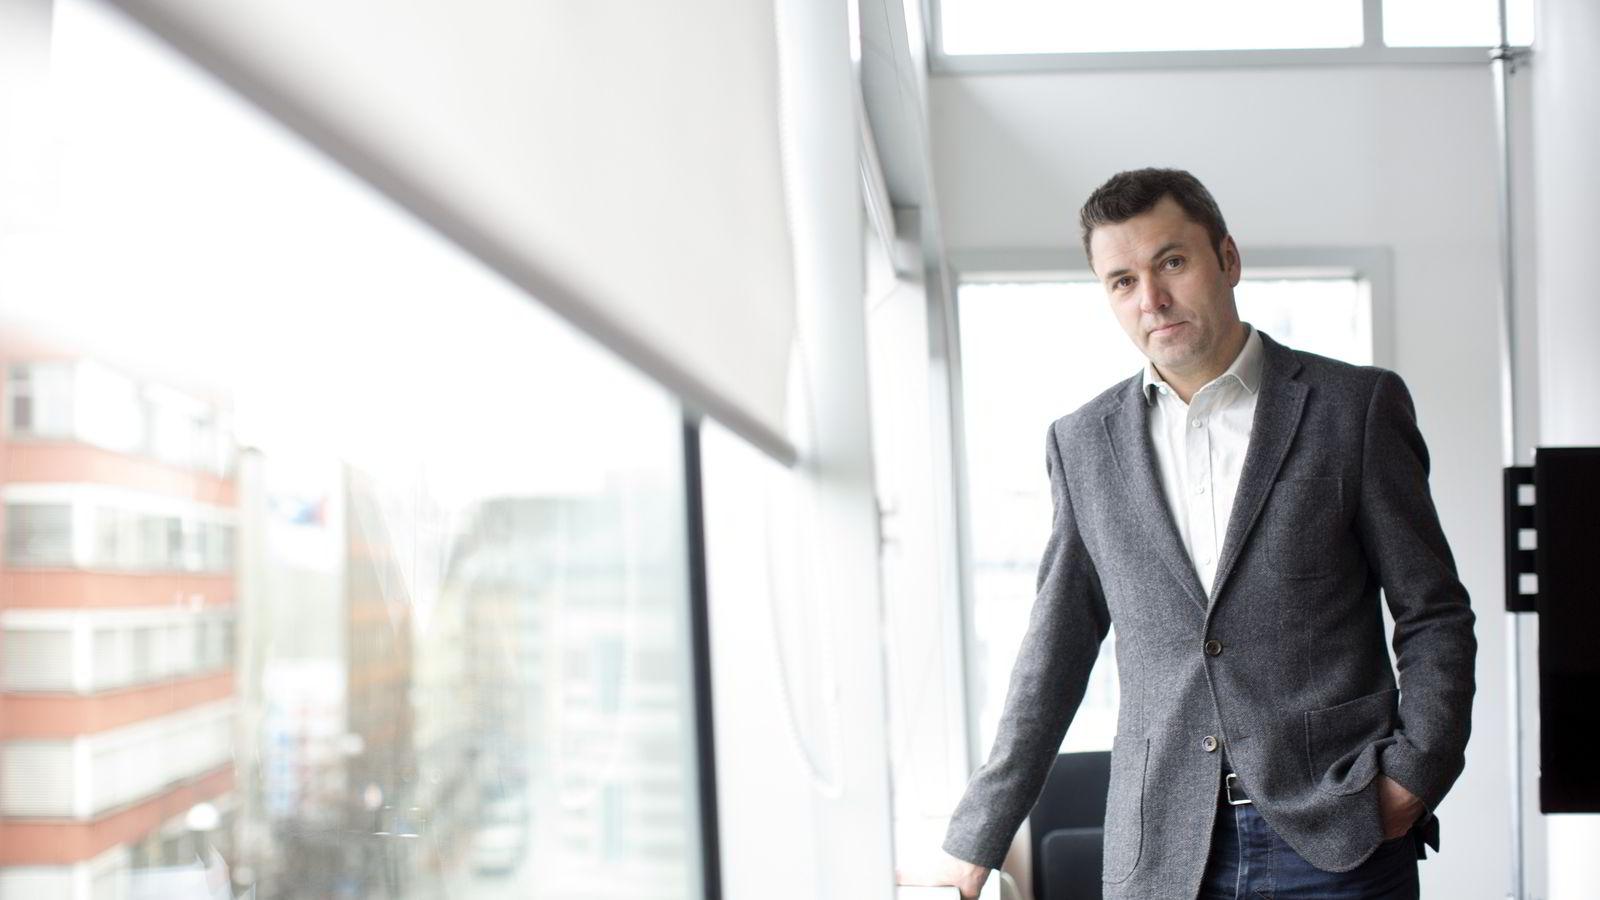 Forsker og rådgiver Jan Kristian Karlsen i selskapet Company Pulse AS har de siste årene jobbet mye med problemstillinger rundt det fleksible arbeidslivet. Foto: